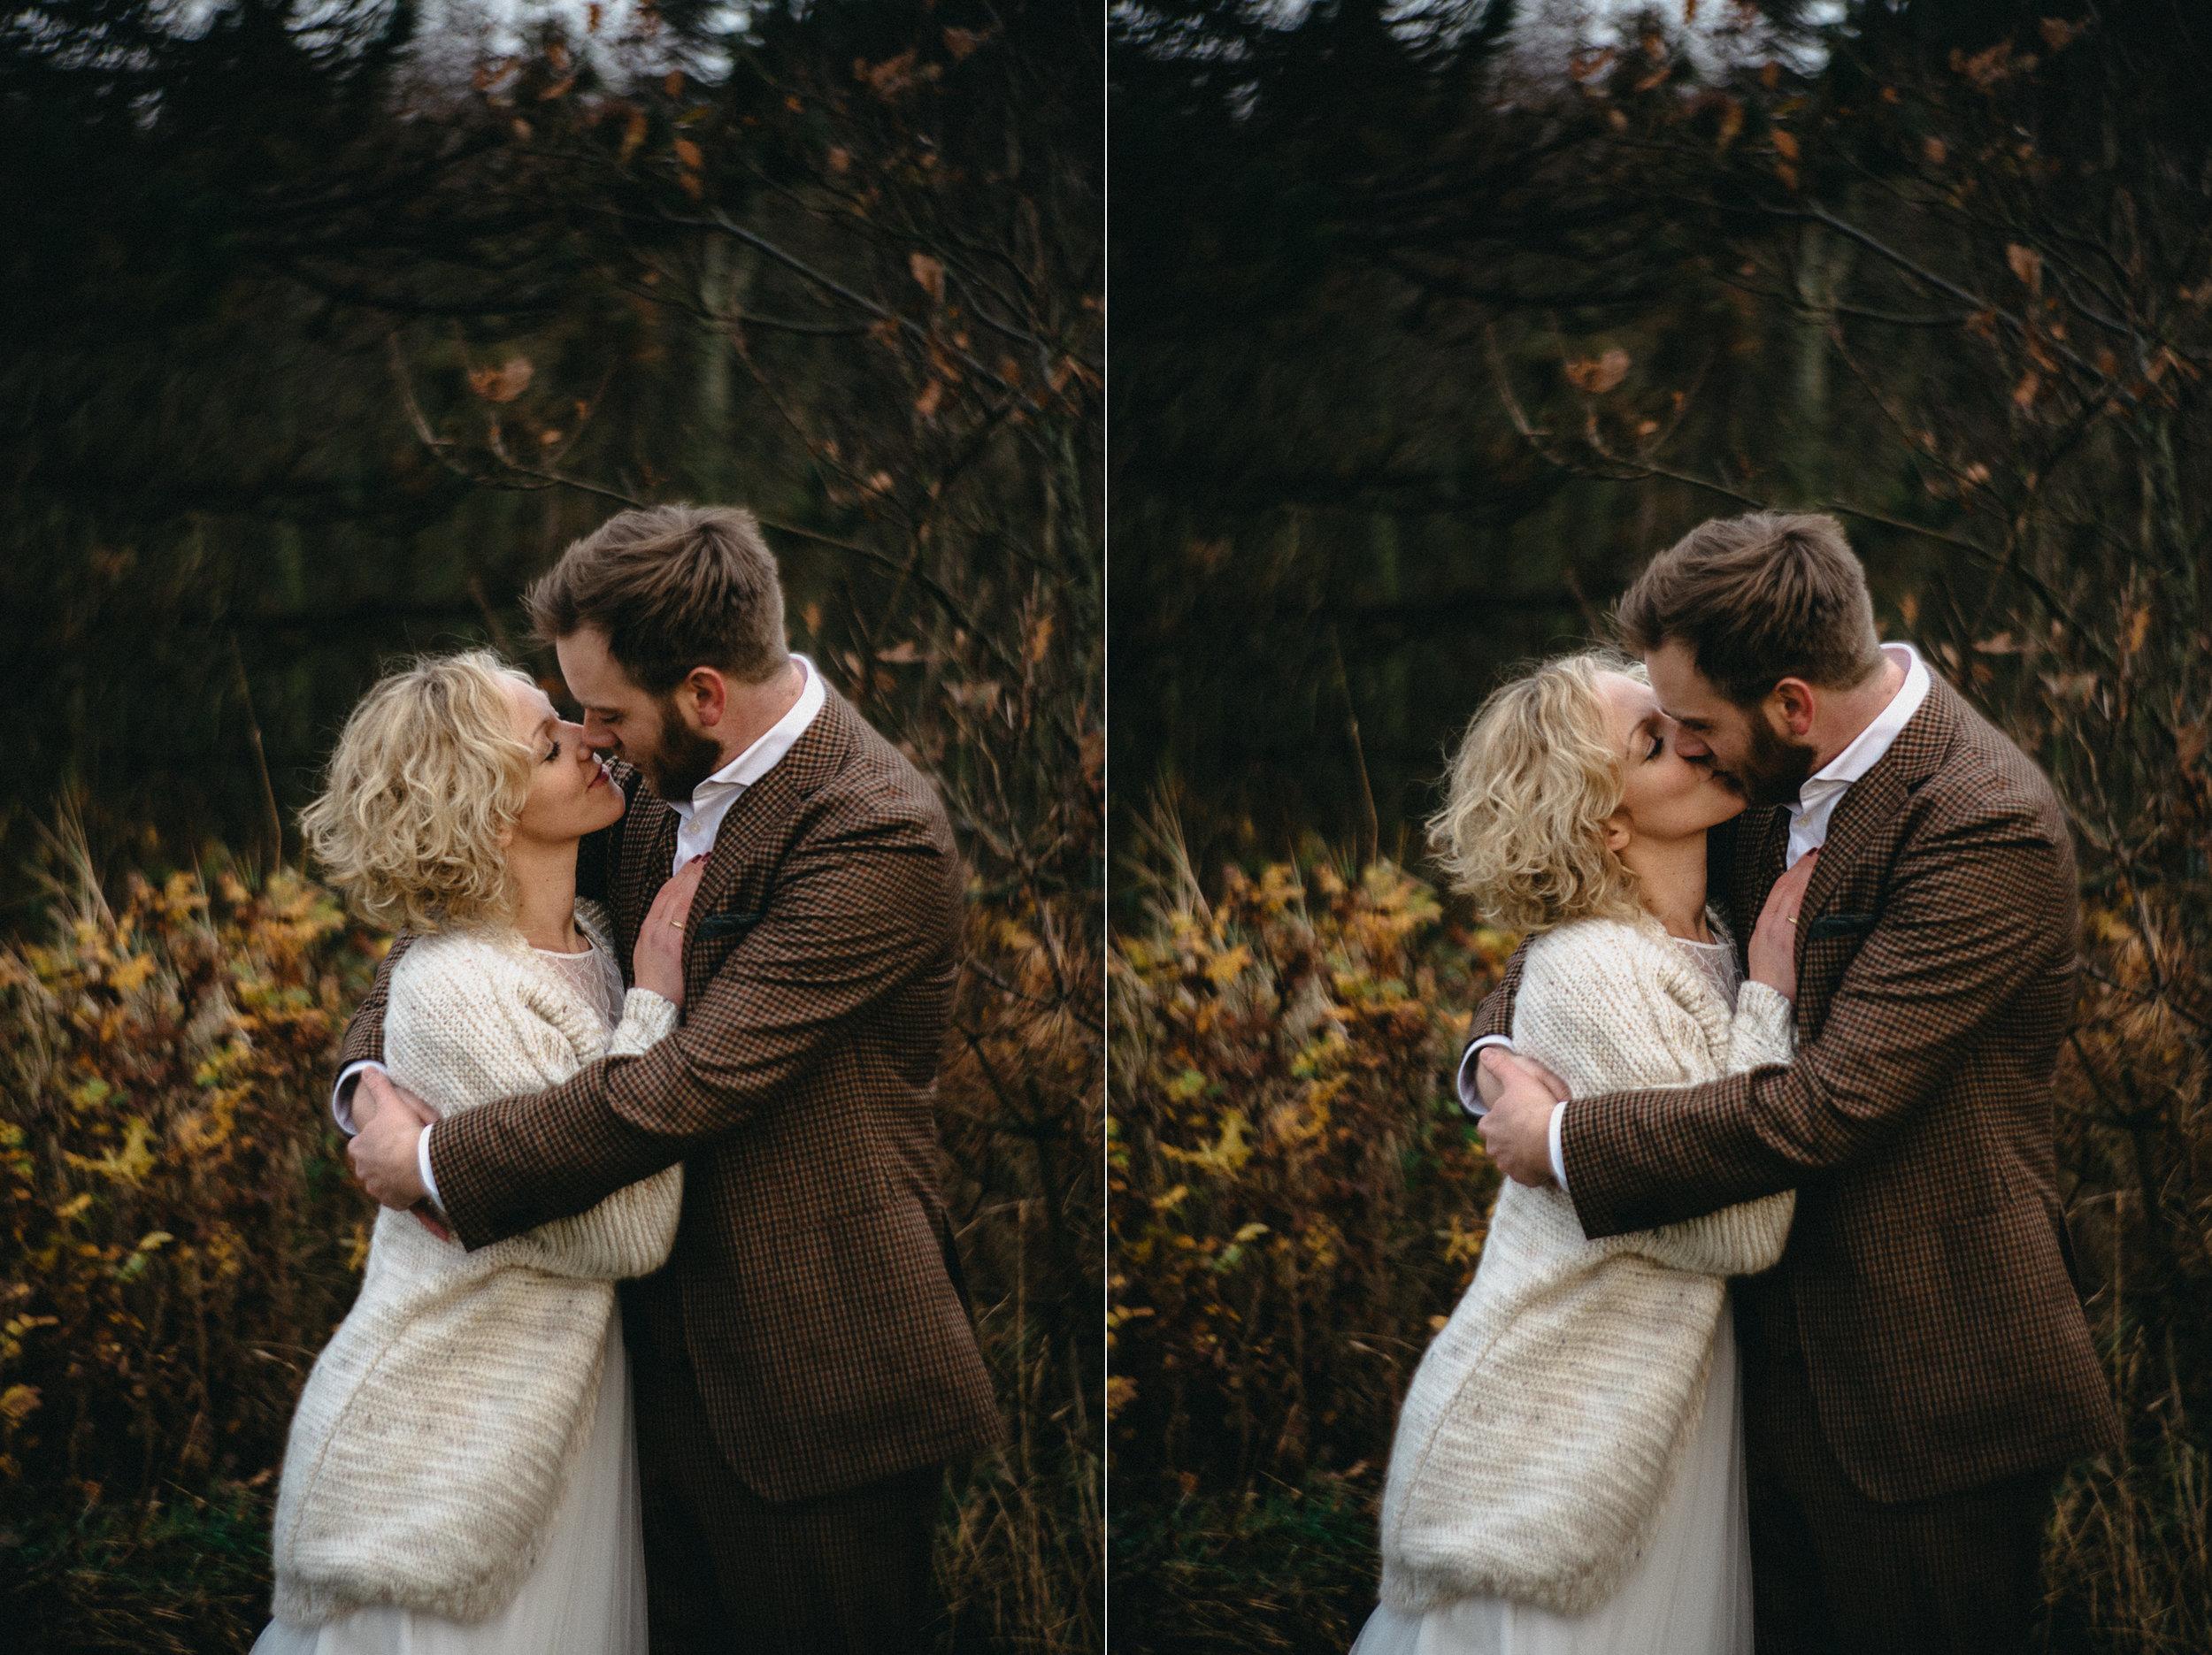 winter-wedding-cuxhaven-alina-niko4.jpg